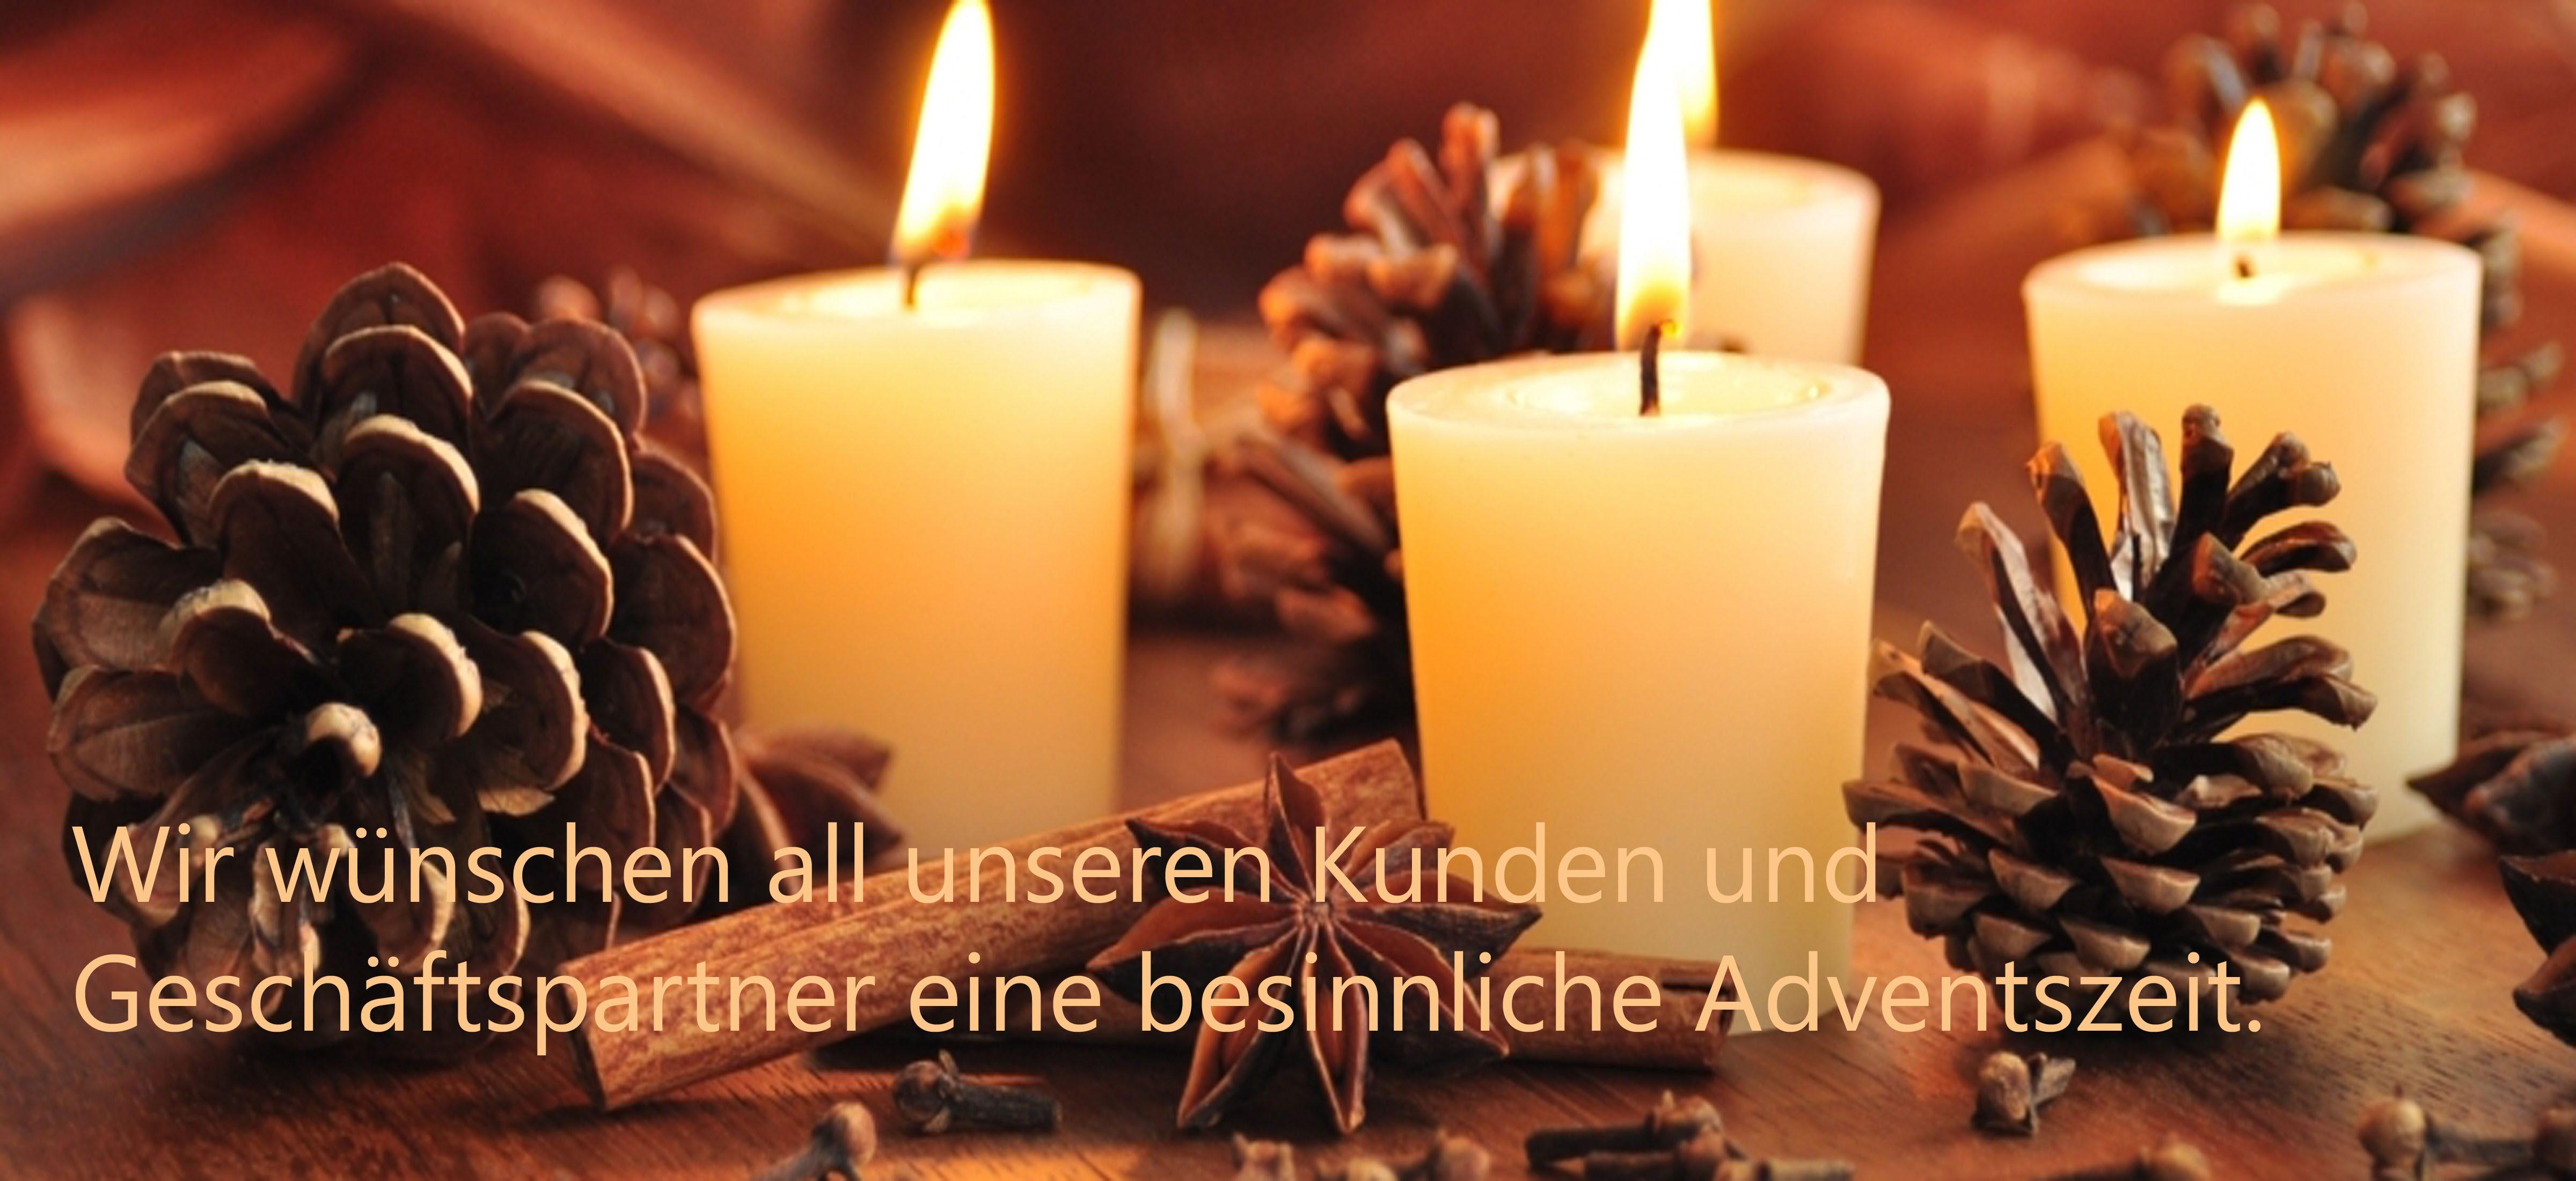 Jean Cron AG wünscht allen Kunden und Geschäftspartnern eine besinnliche Adventszeit